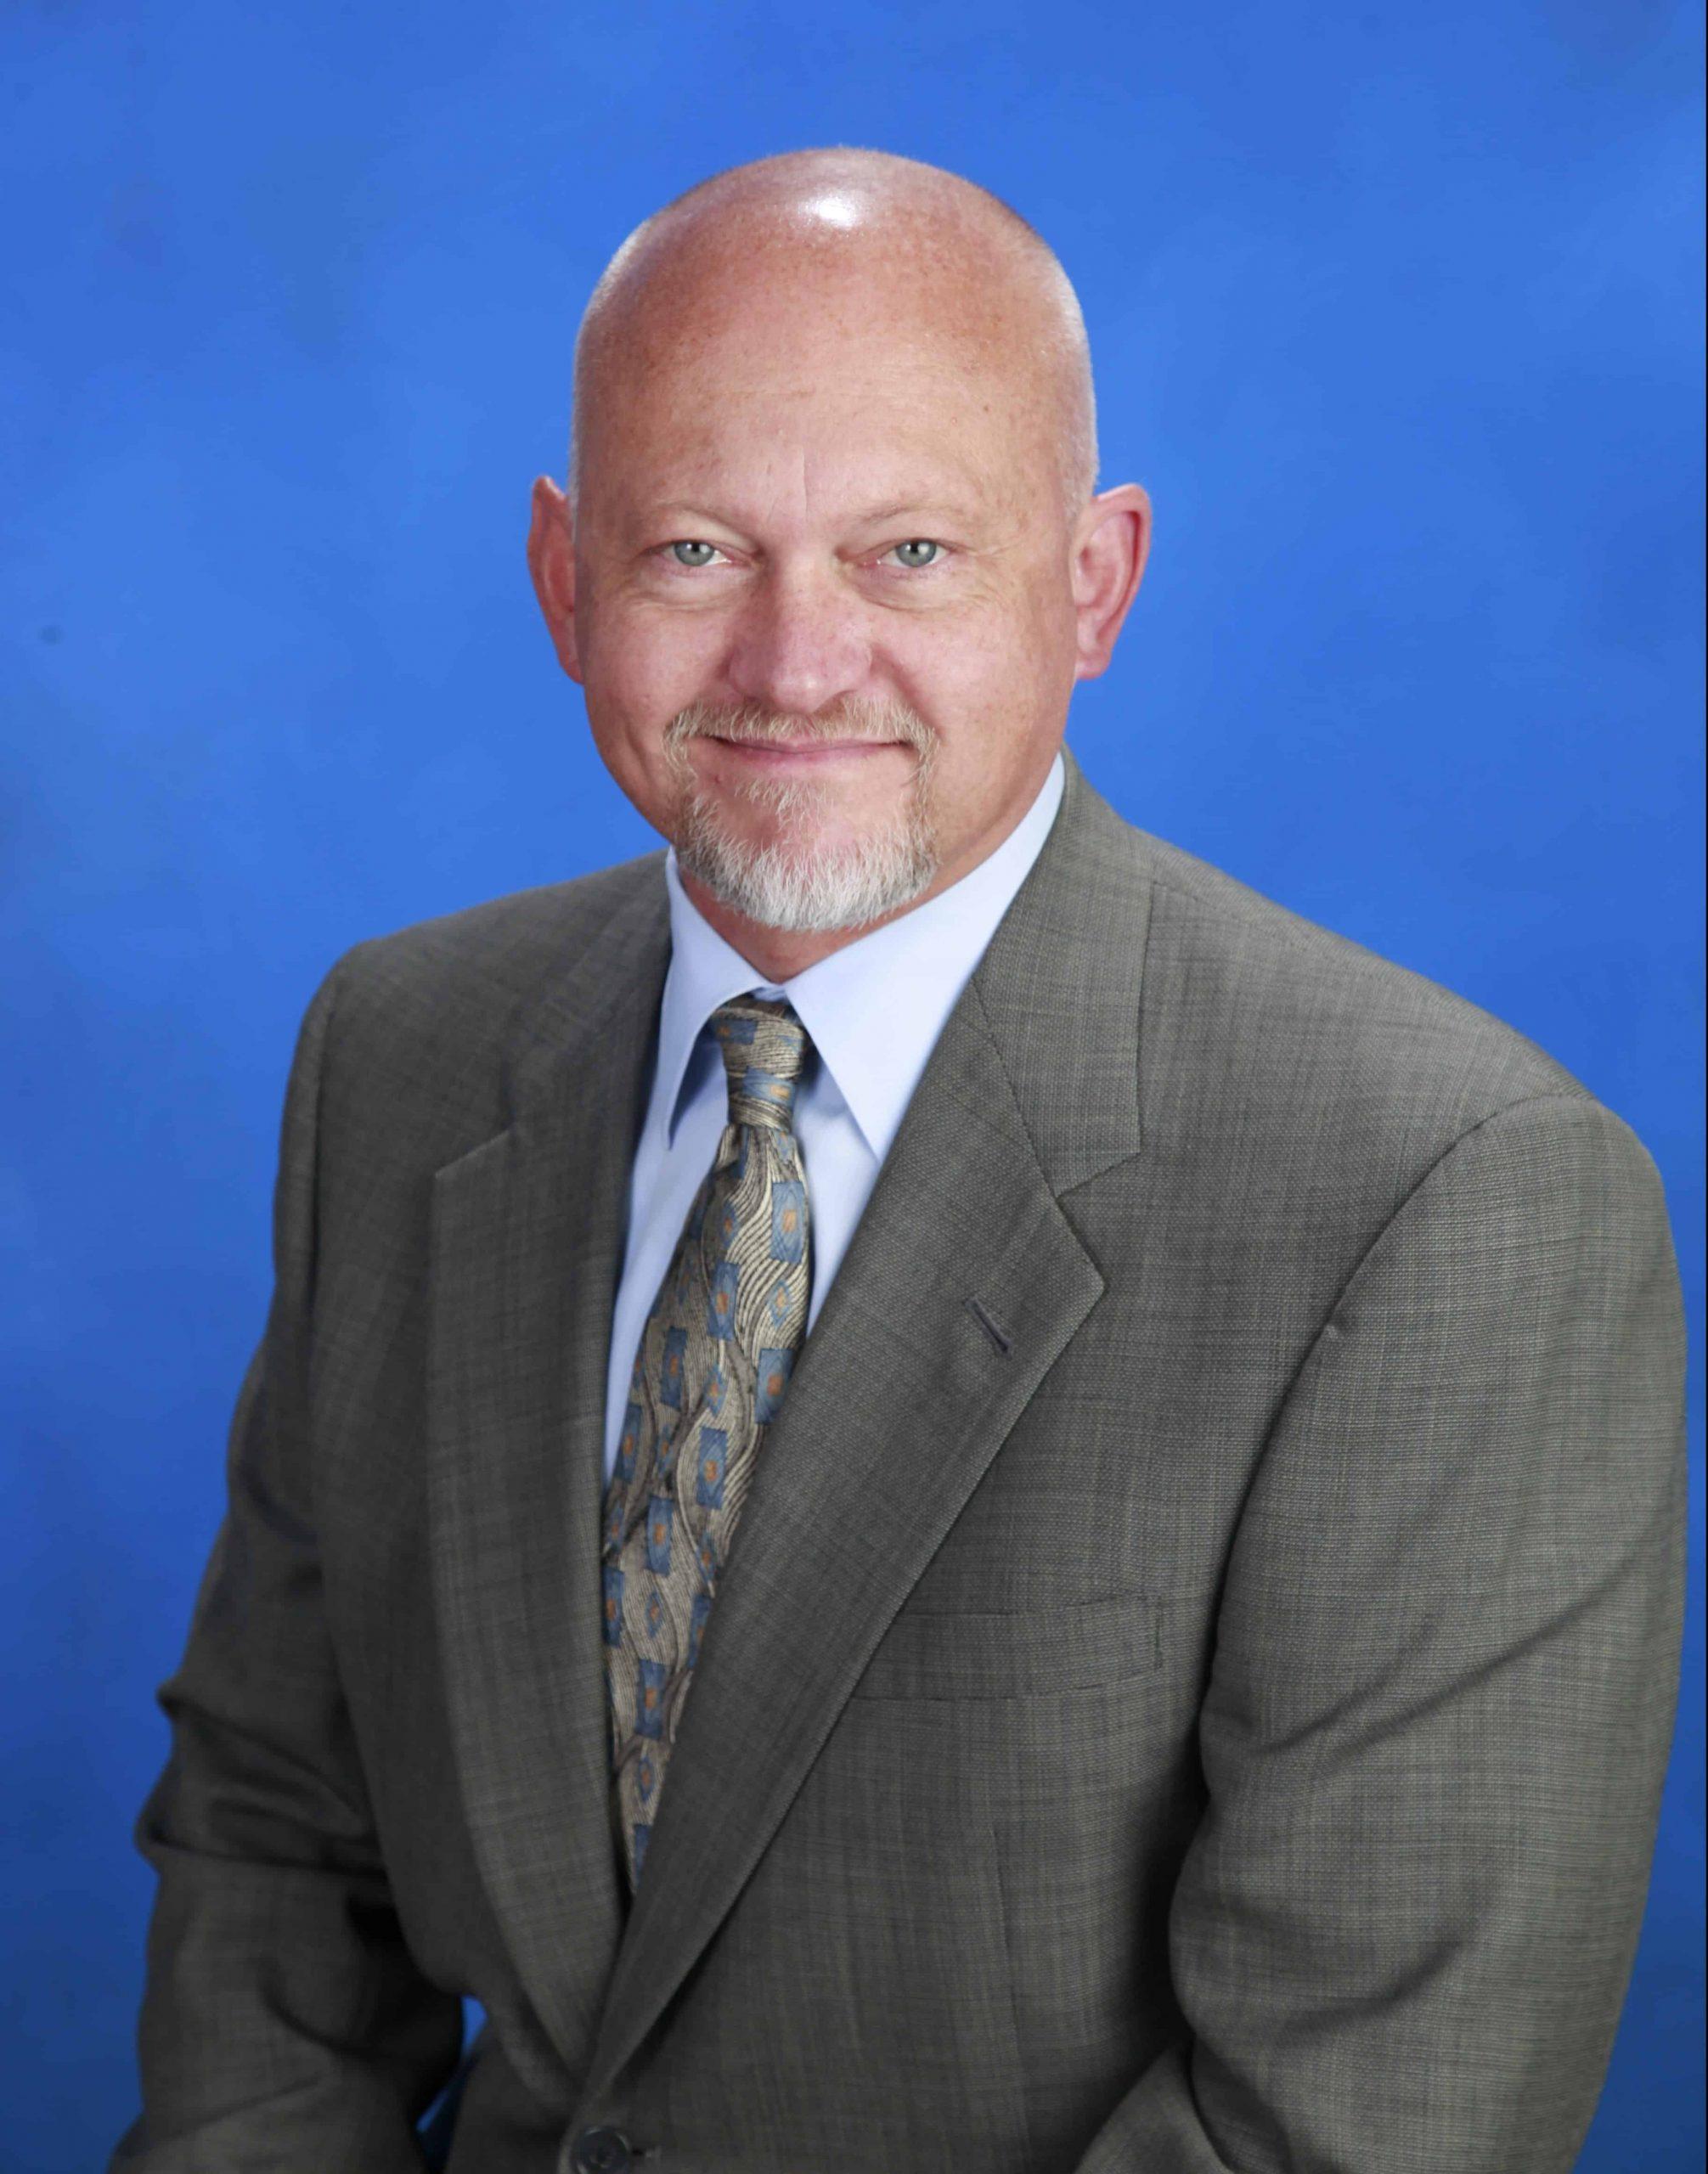 Dr. Scott Alan Gard, MD, FACS